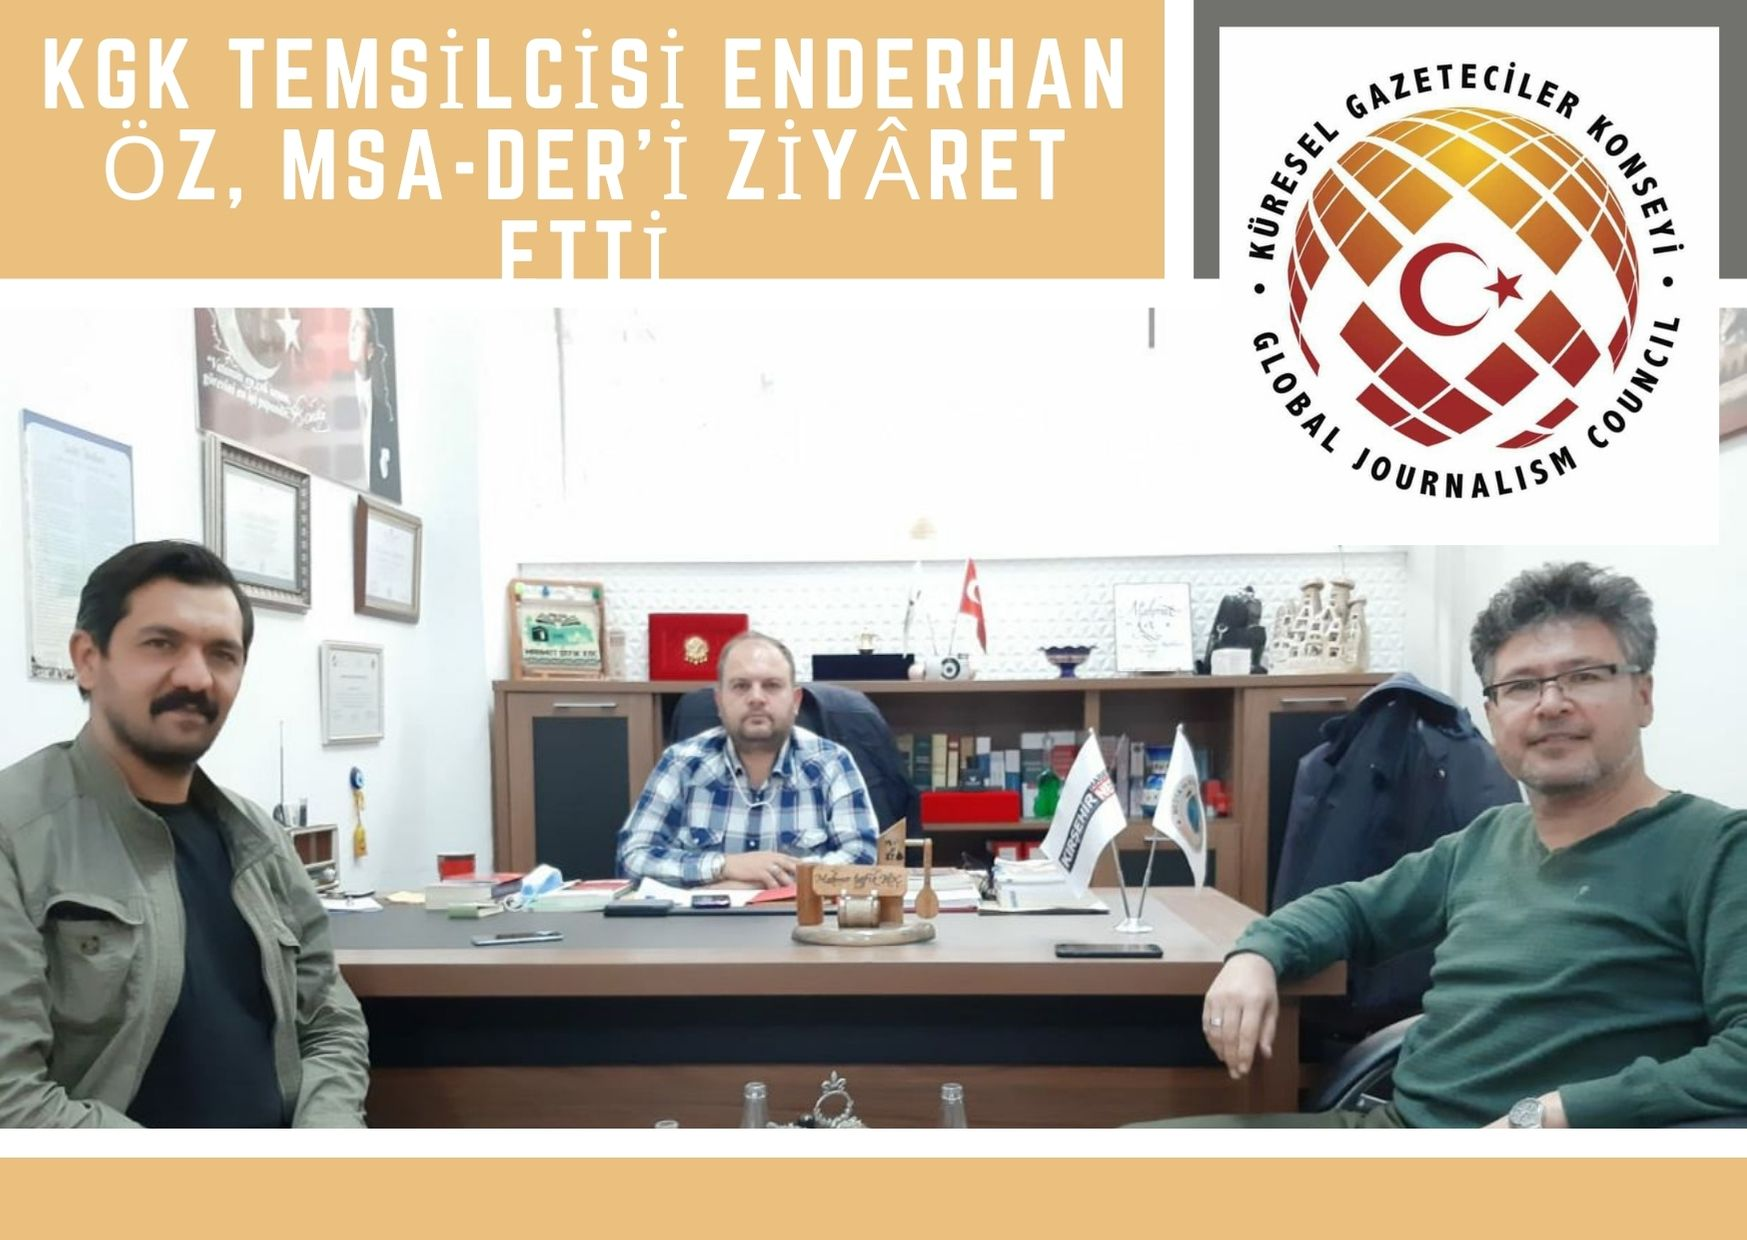 KGK TEMSİLCİSİ ENDERHAN ÖZ, MSA-DER'İ ZİYÂRET ETTİ